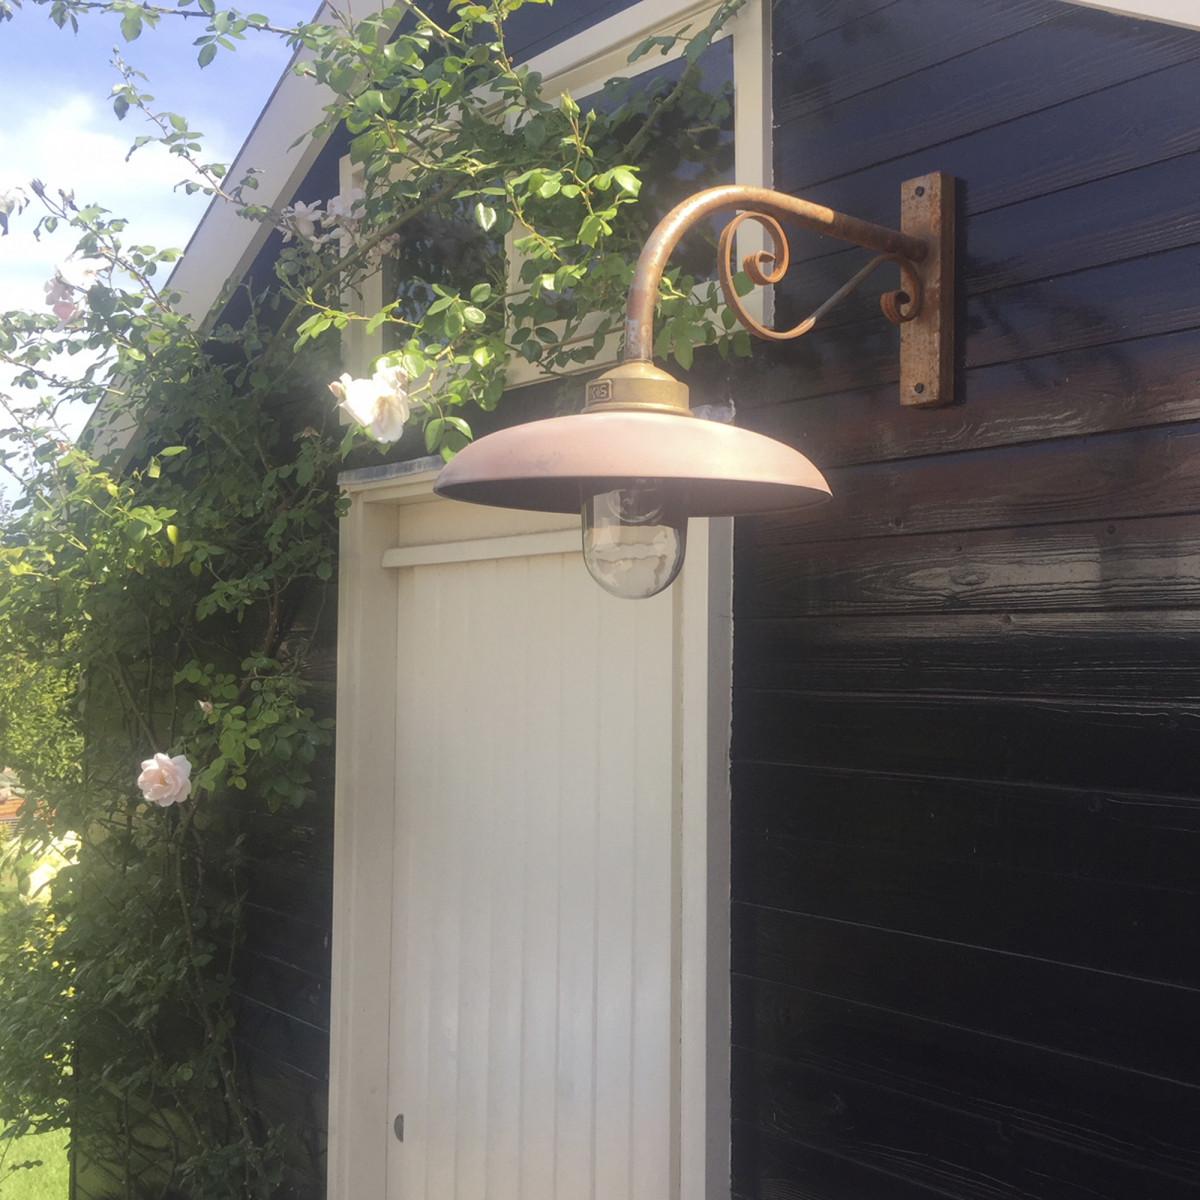 Ländliche Hoflampe im Industrial-Stil